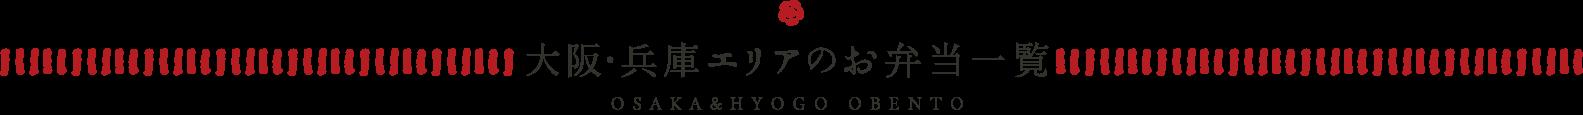 大阪・兵庫エリアのお弁当一覧